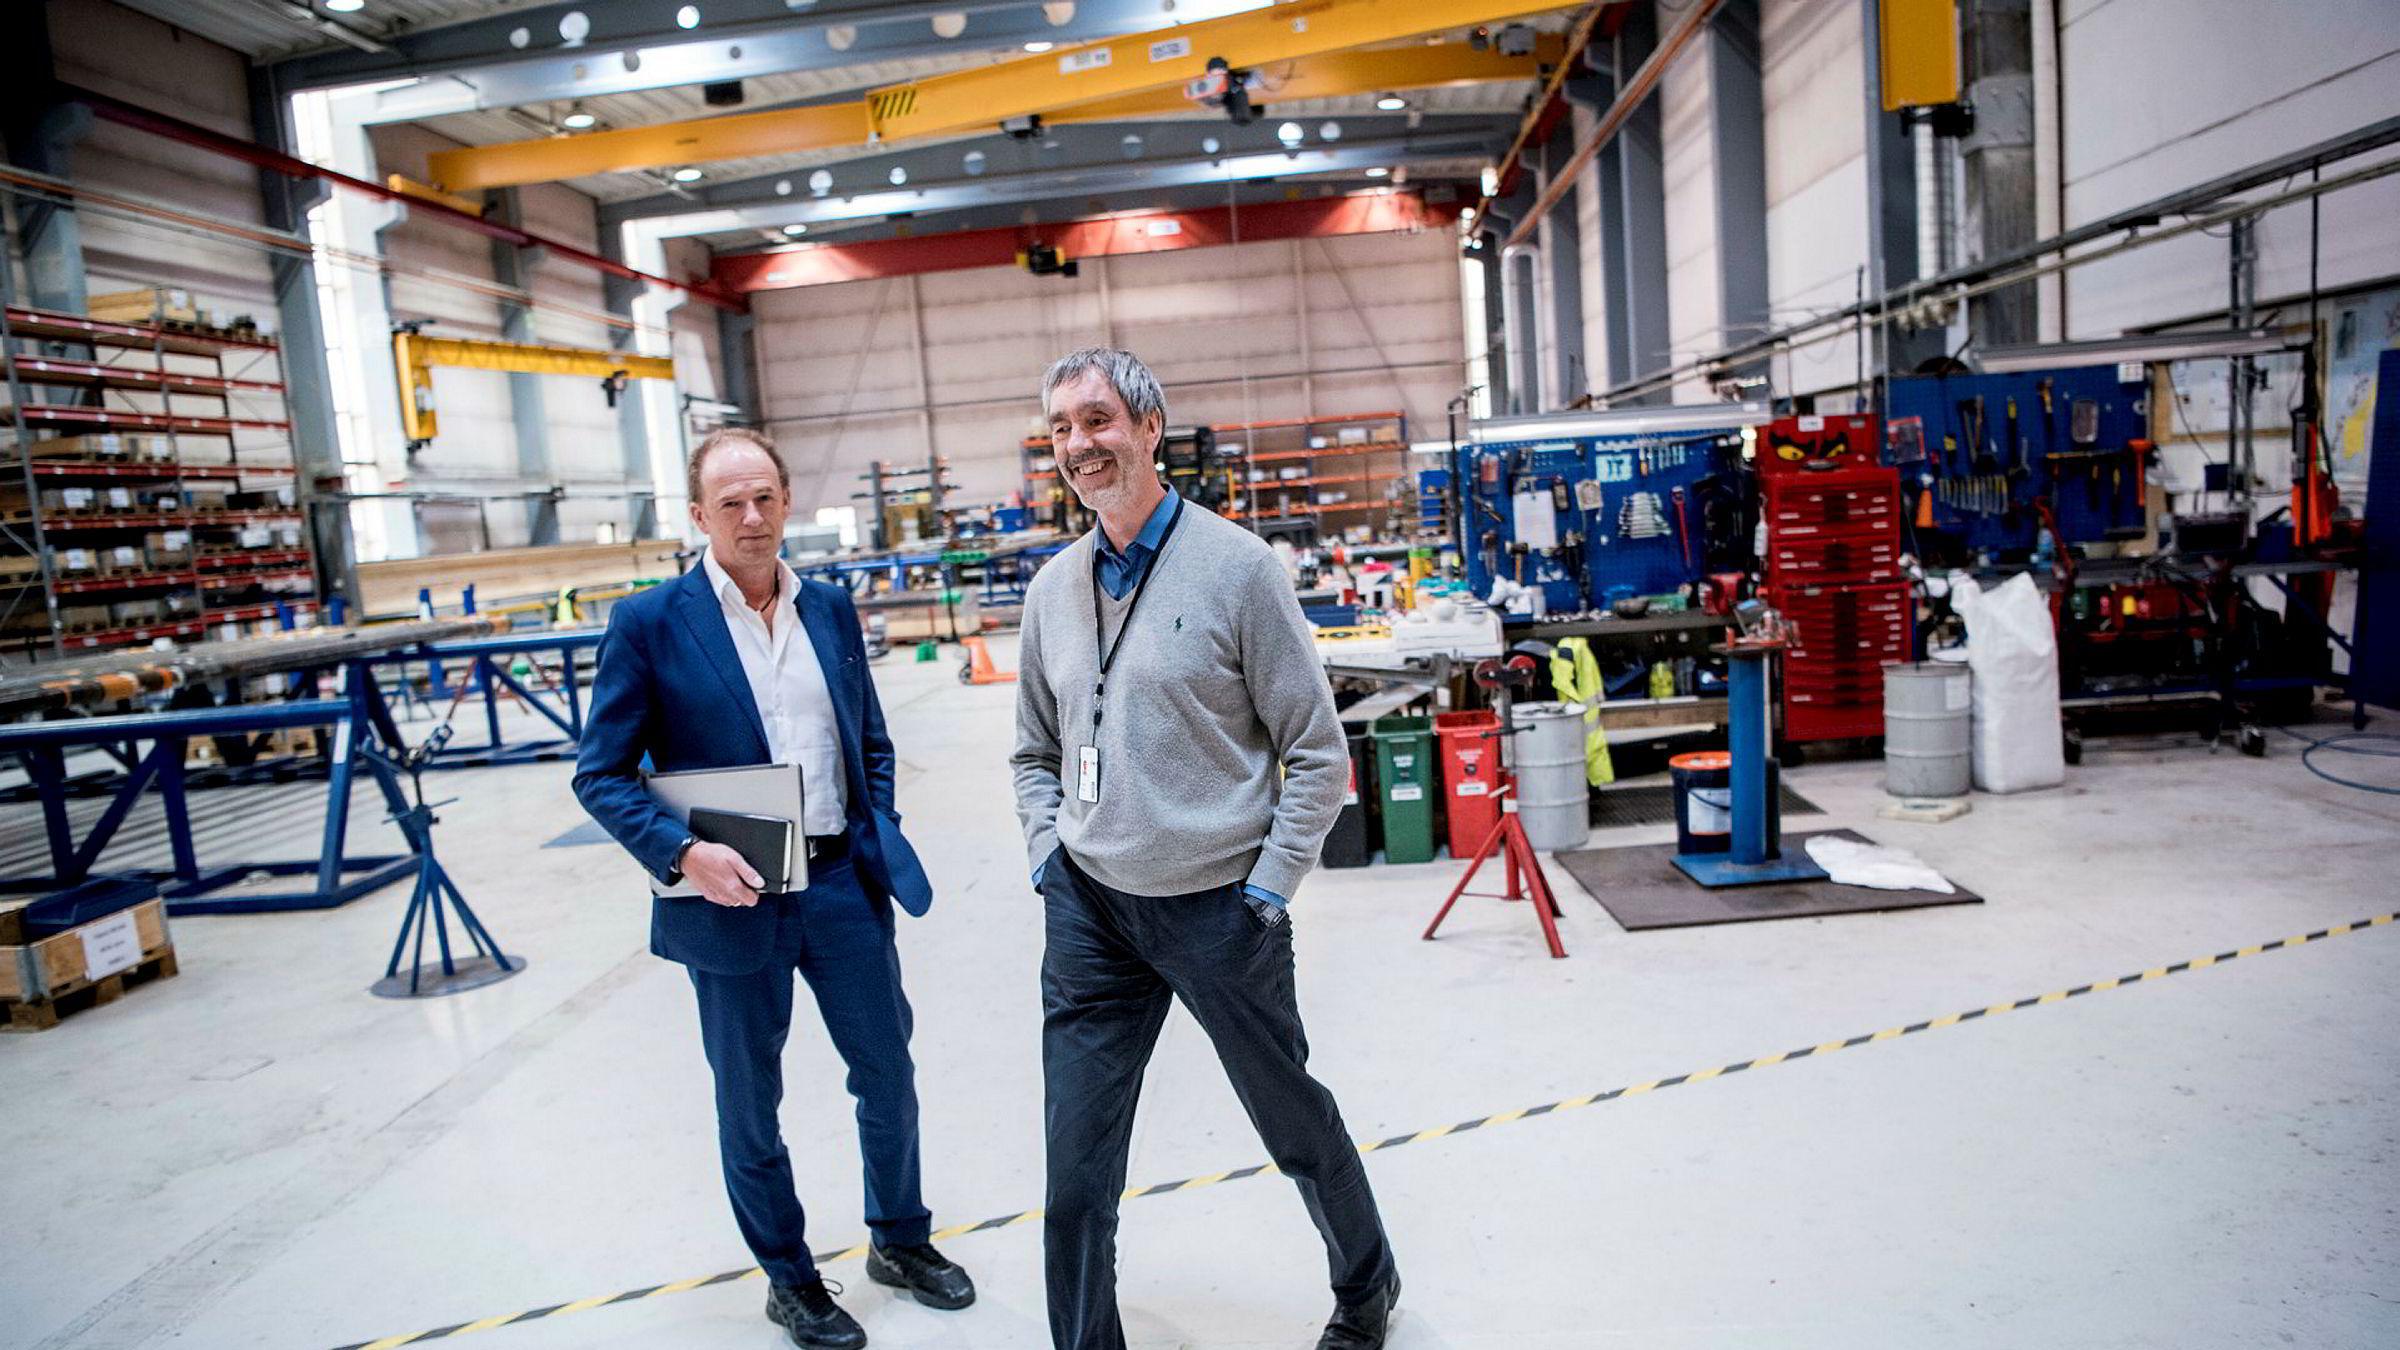 Jærbuene Helge Lunde og Torbjørn Hegdal fikk smake på oljesmellen. Nå tror de på milliardomsetning for selskapet Seabox.